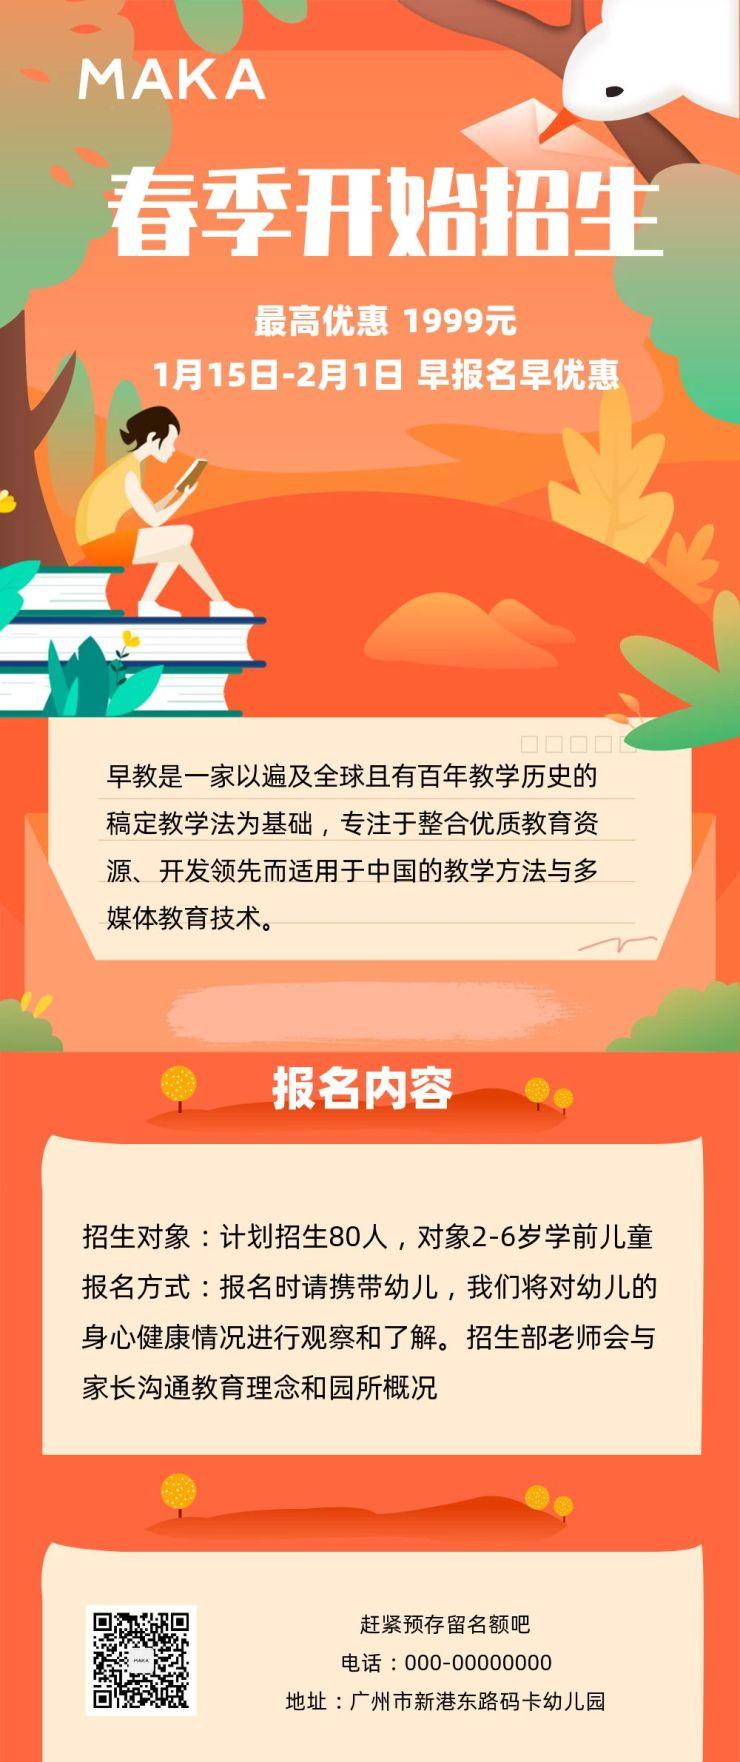 橙色卡通春季招生幼儿园中小学辅导文章长图